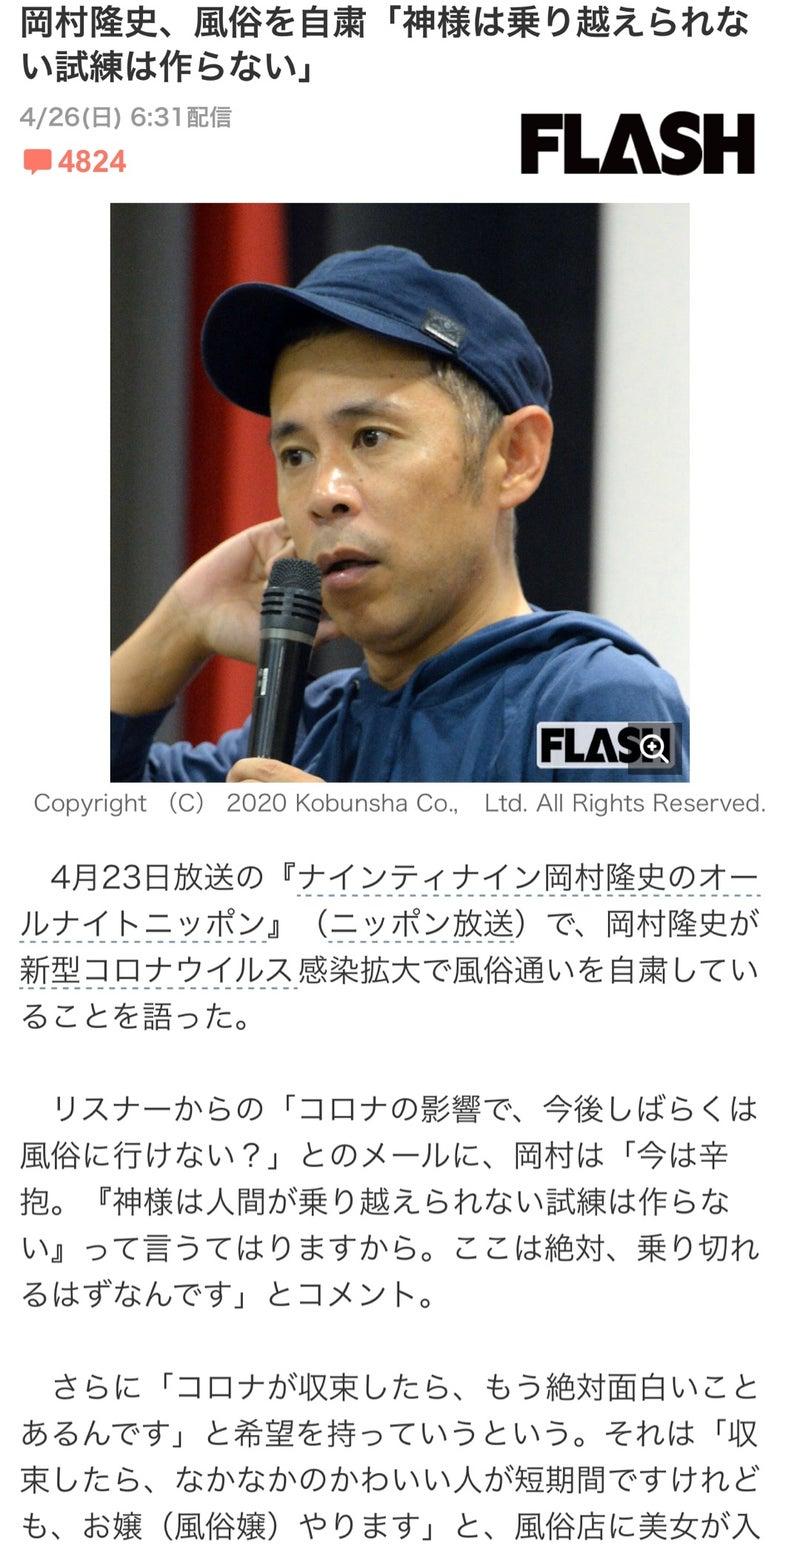 岡村 隆史 コメント